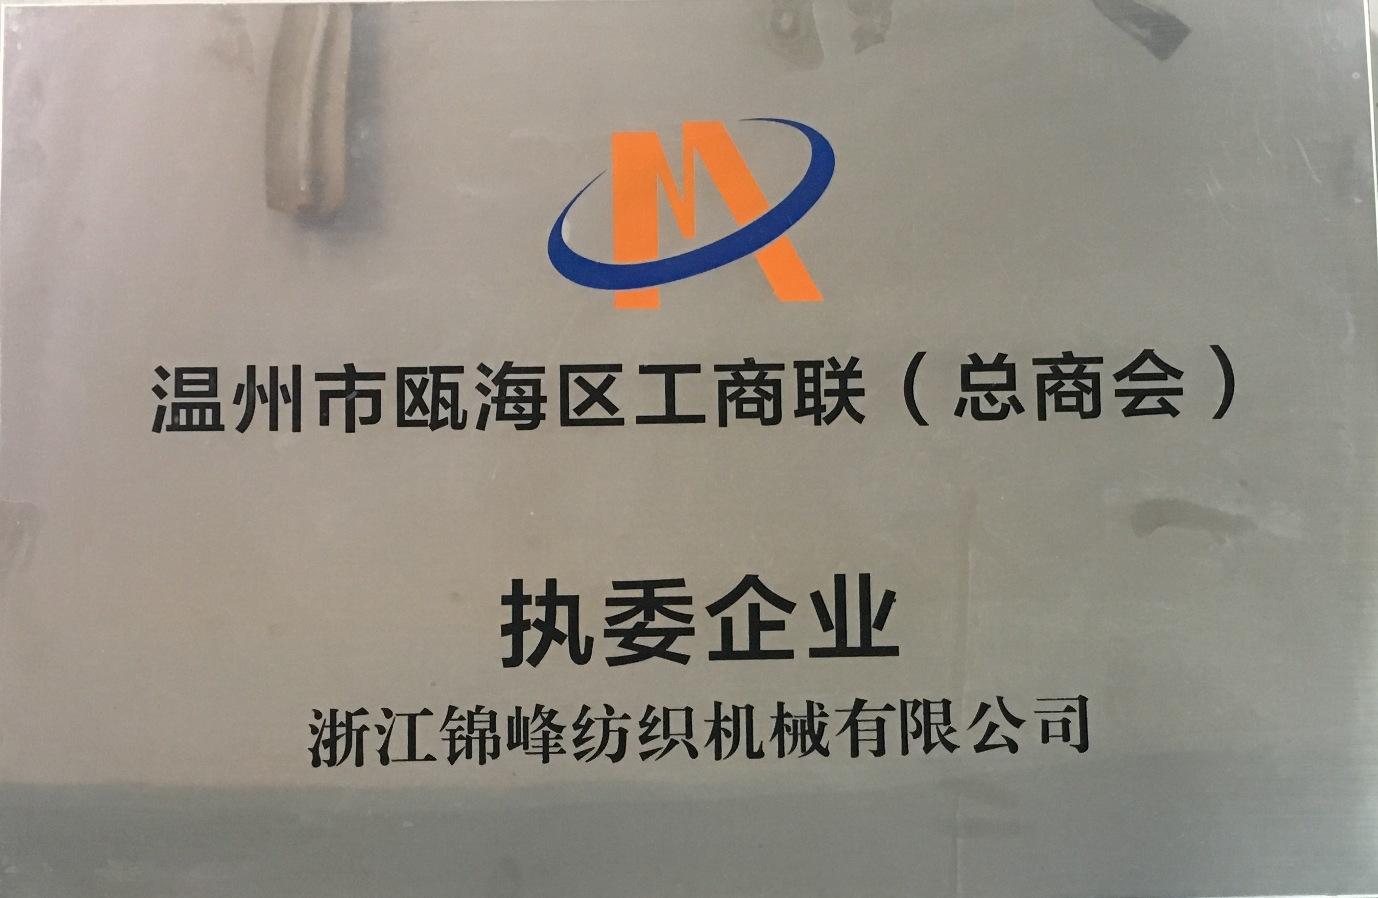 温州市瓯海工商联(总商会)执委企业